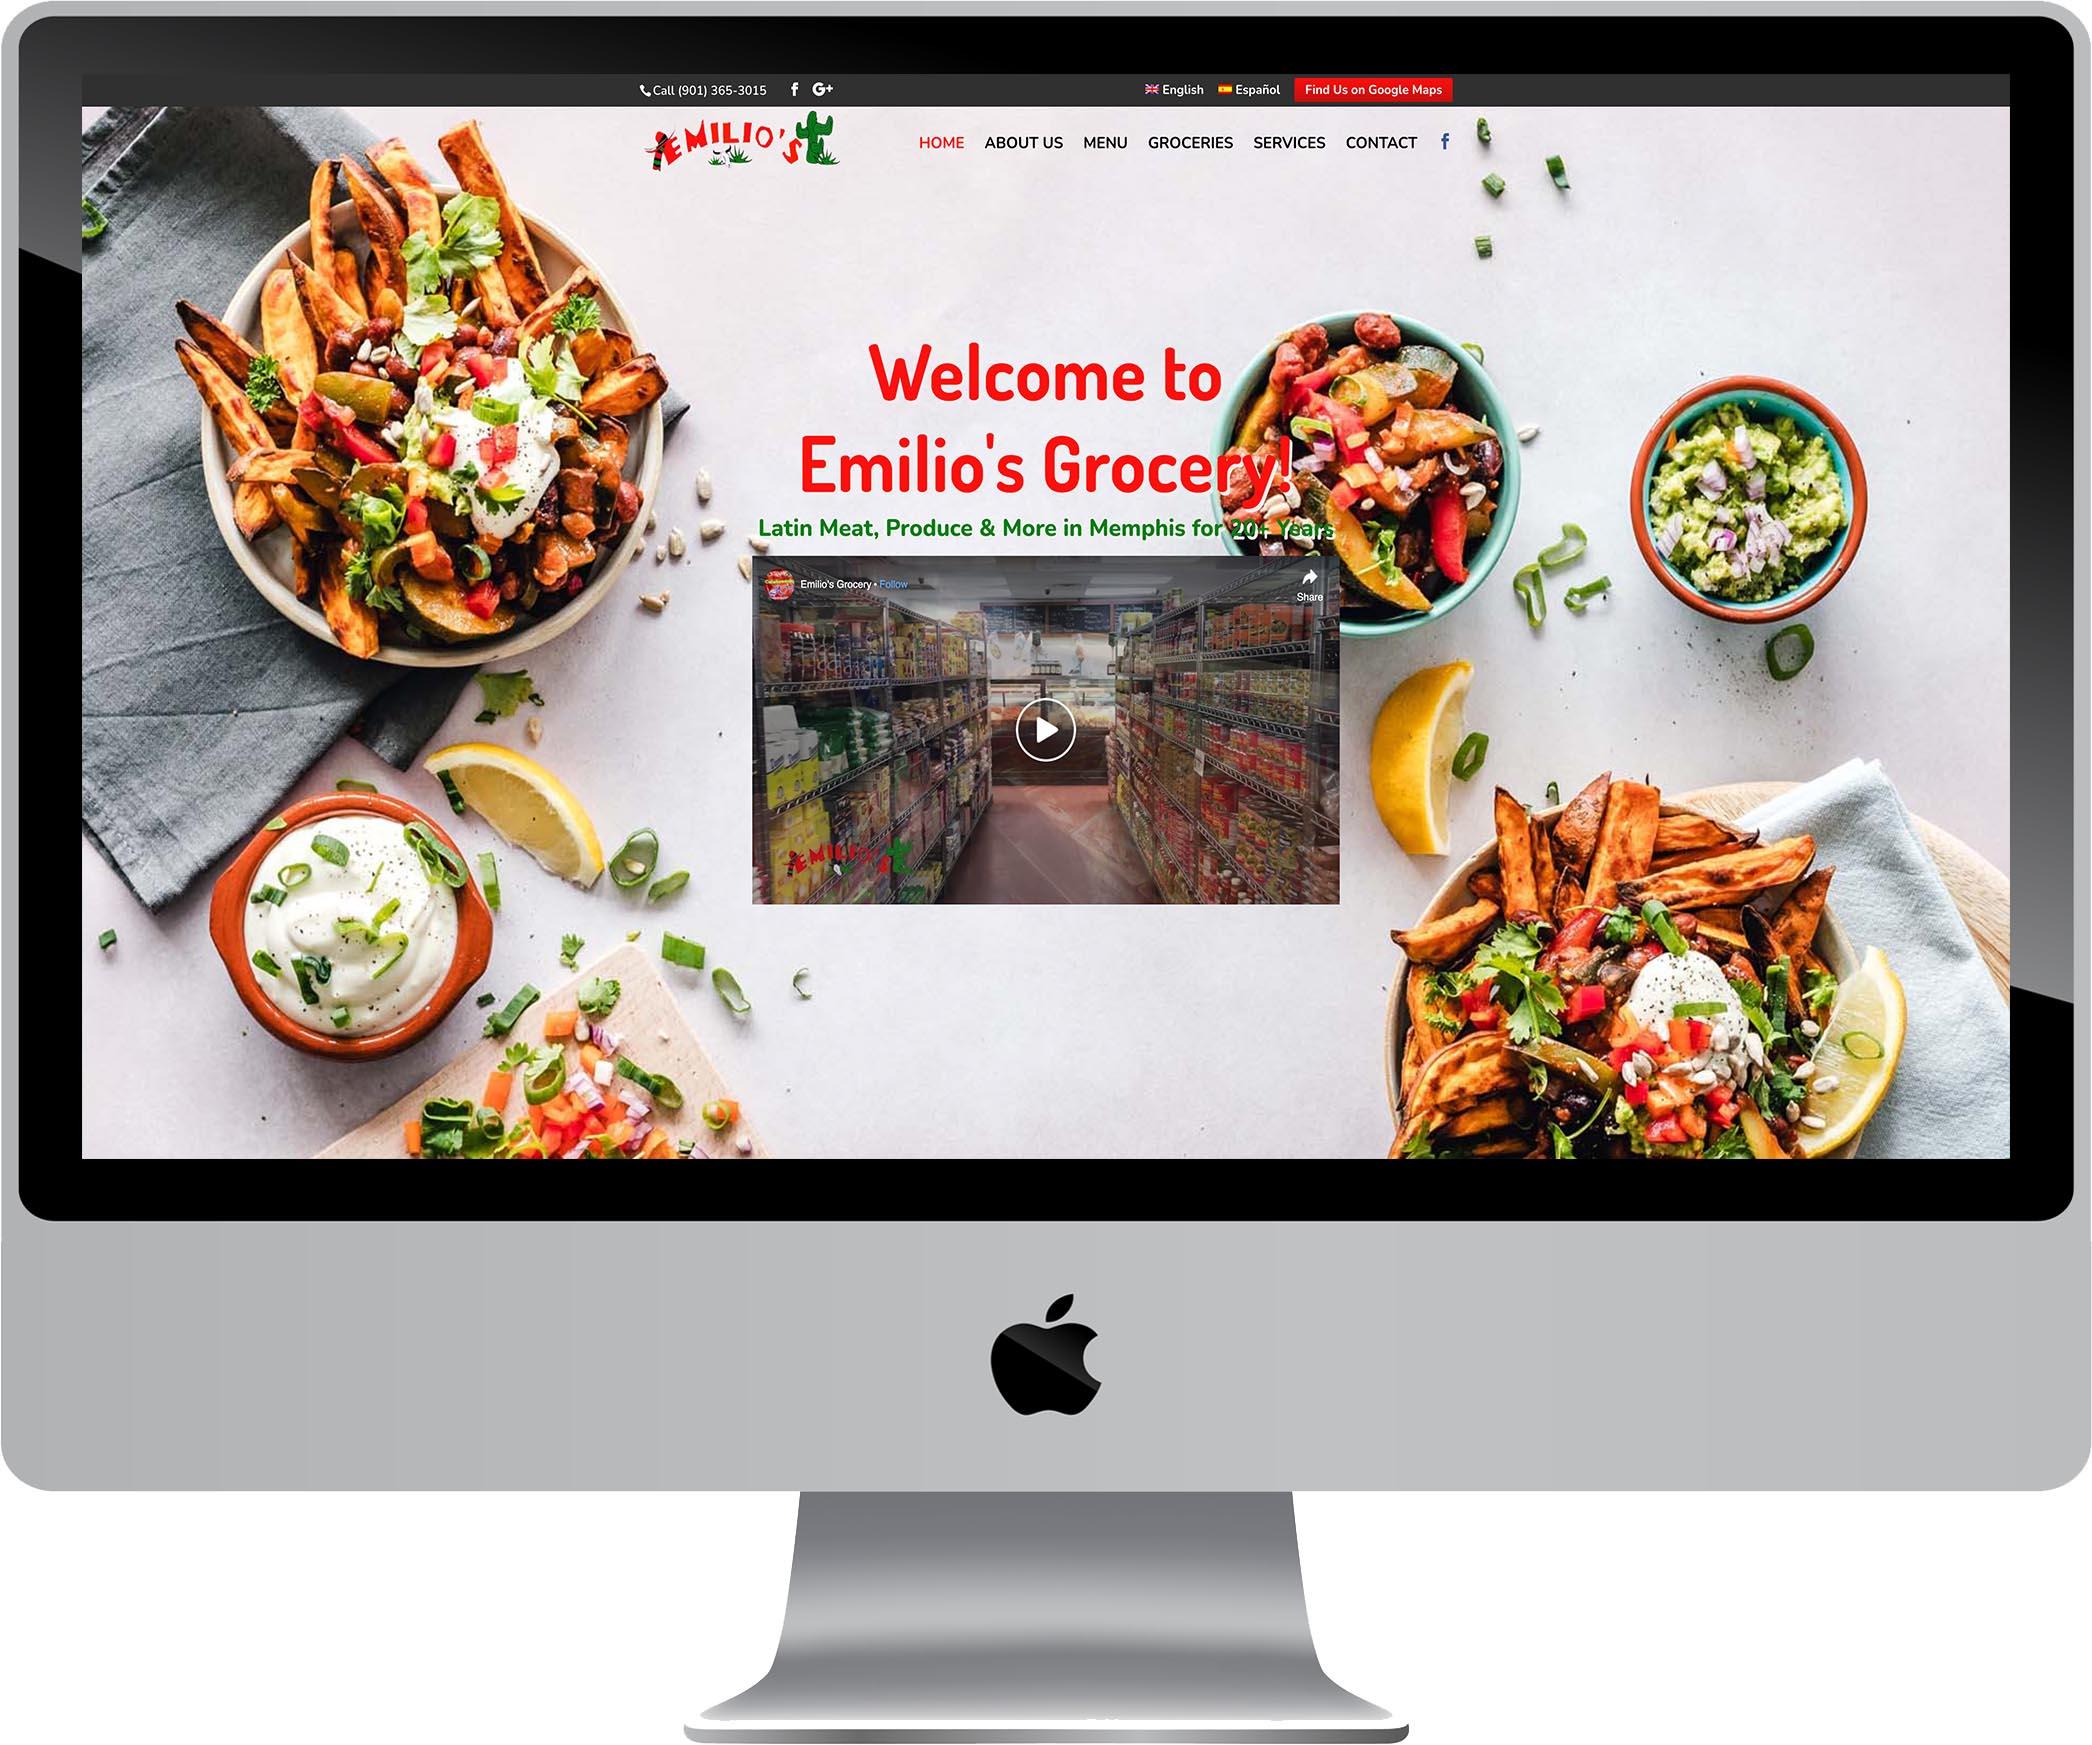 Emilio's Grocery Website Design